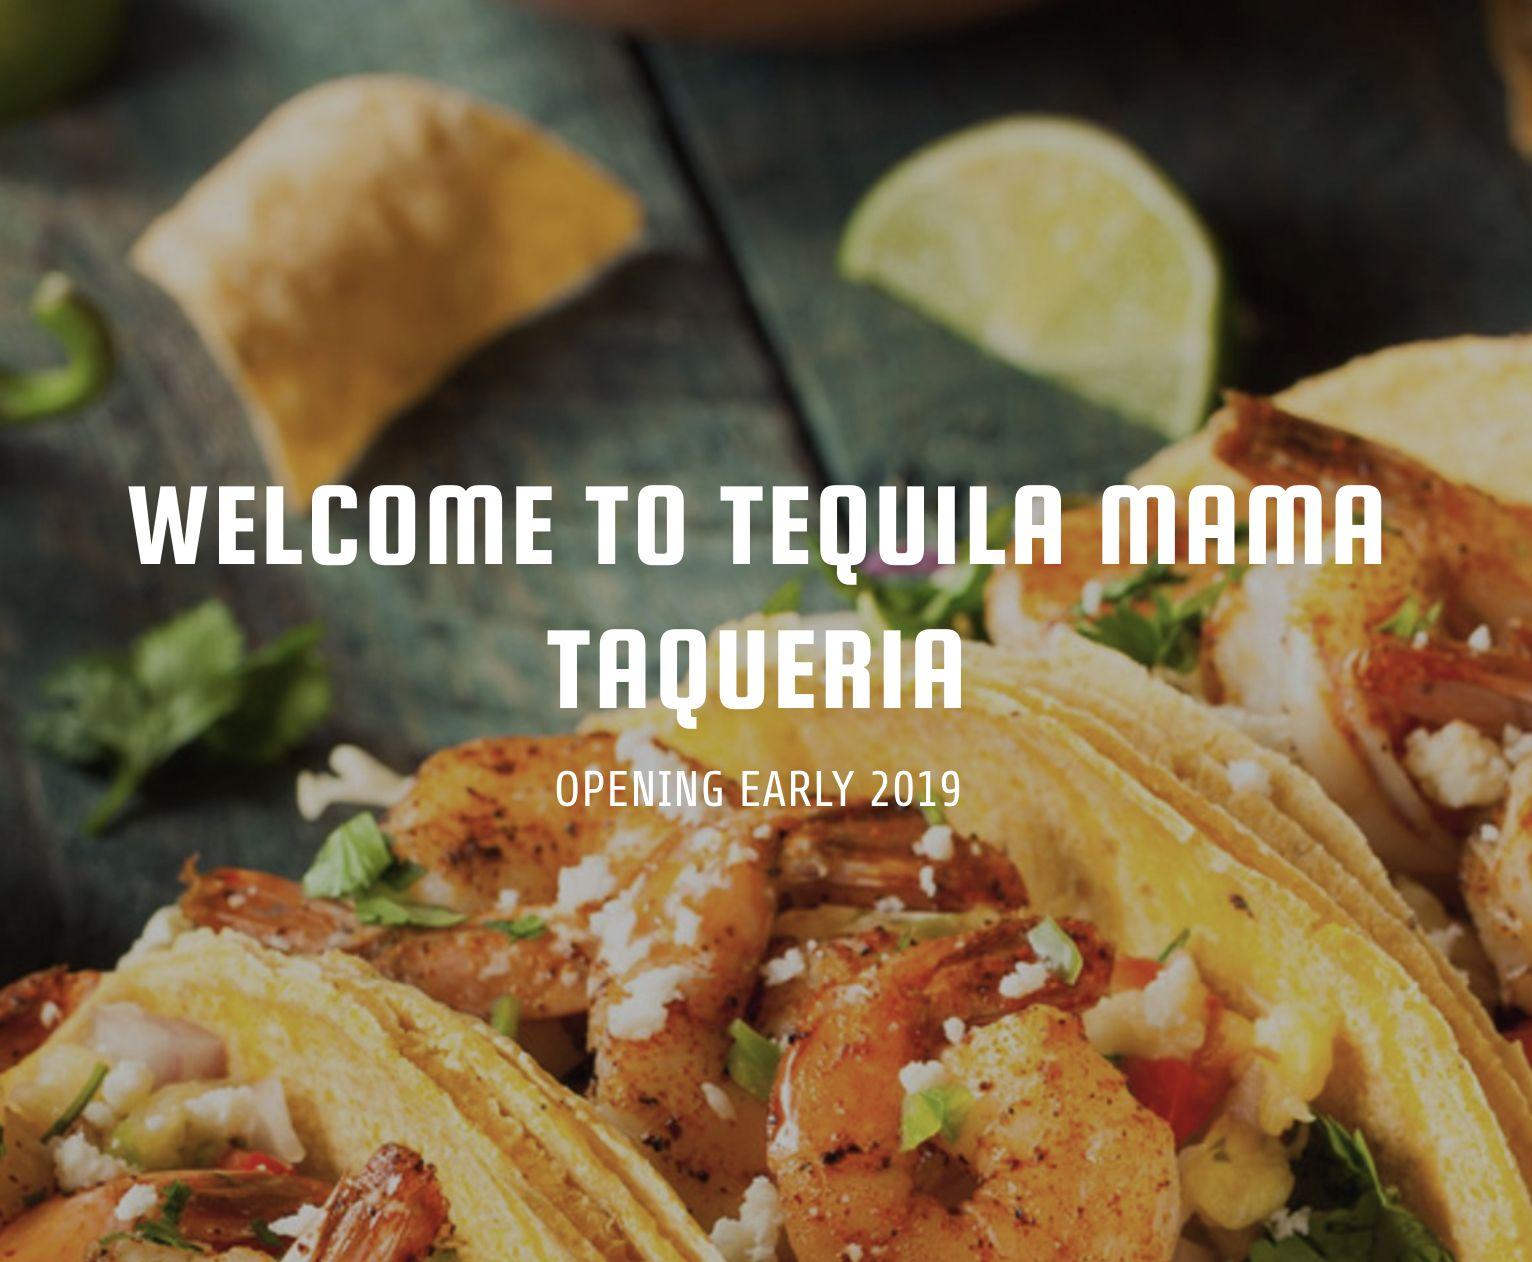 Tequila Mama Taqueria